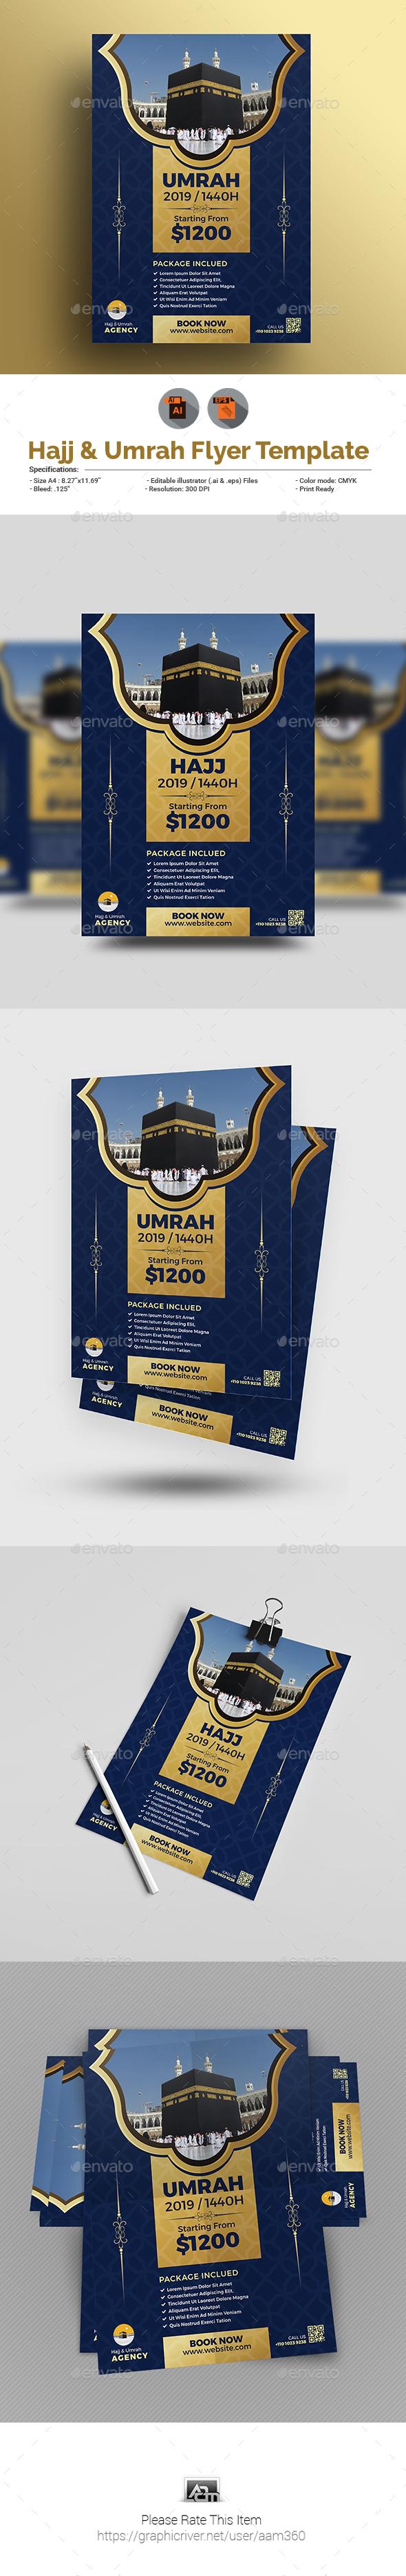 Umrah & Hajj Flyer Template - Commerce Flyers